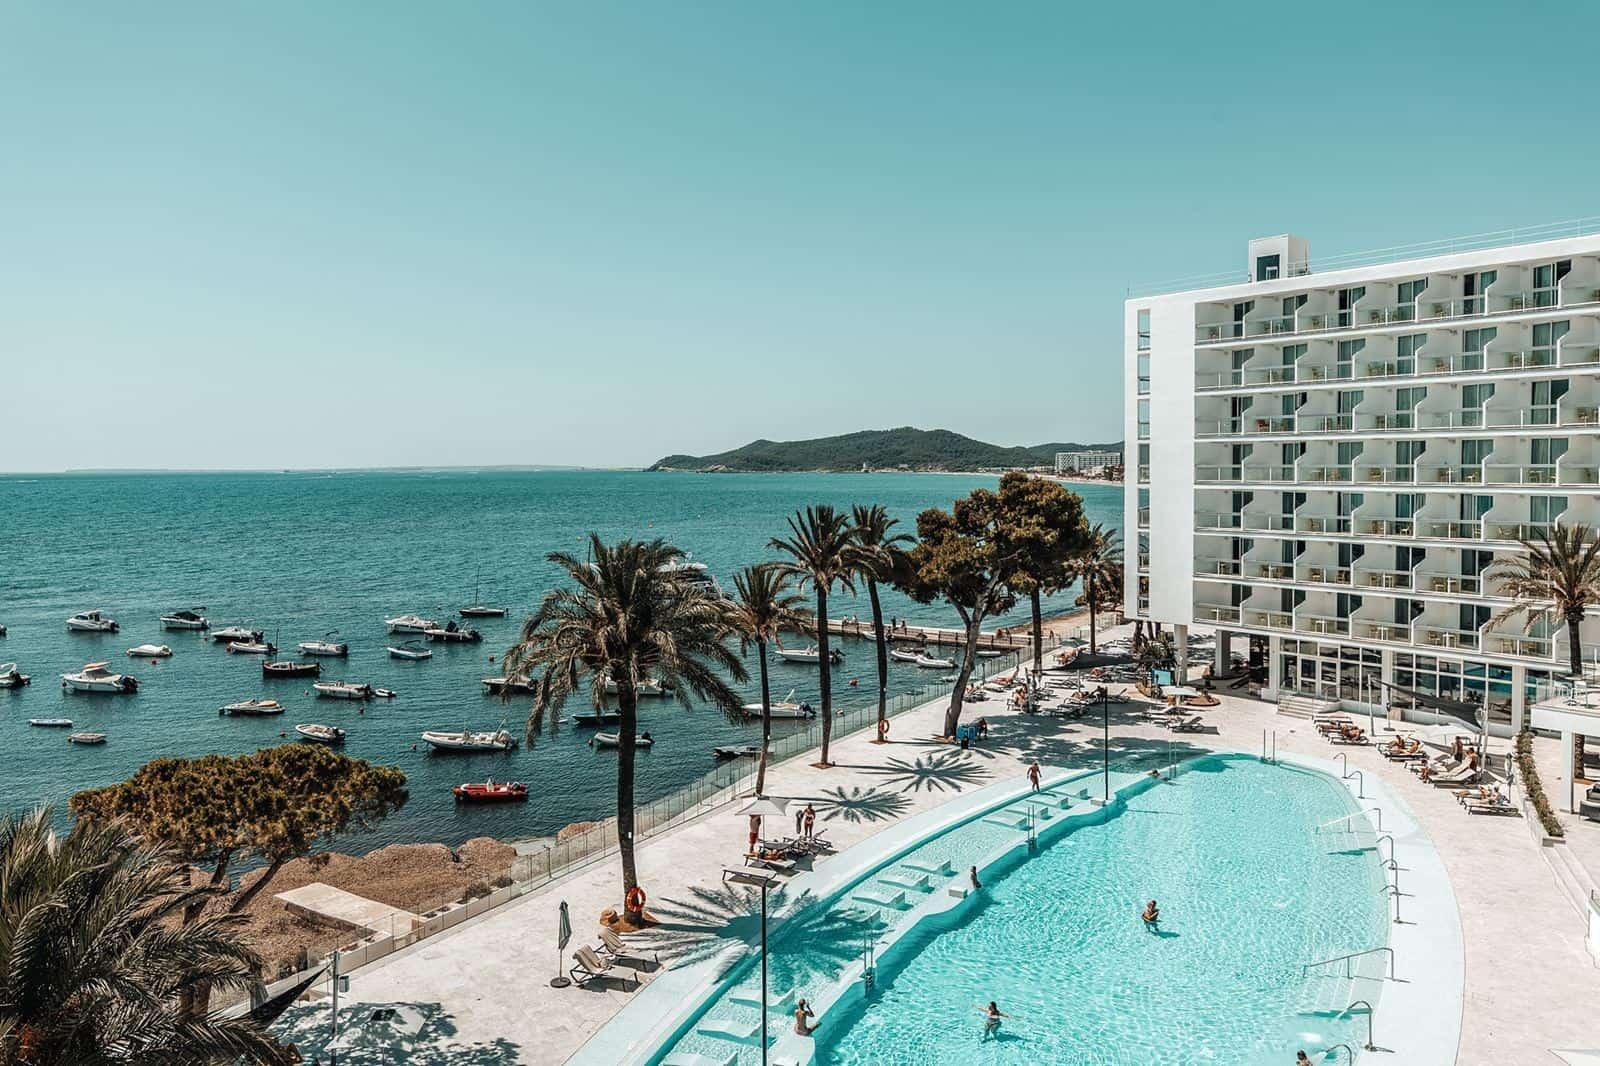 The Ibiza Twiins in Playa d'en Bossa, Ibiza